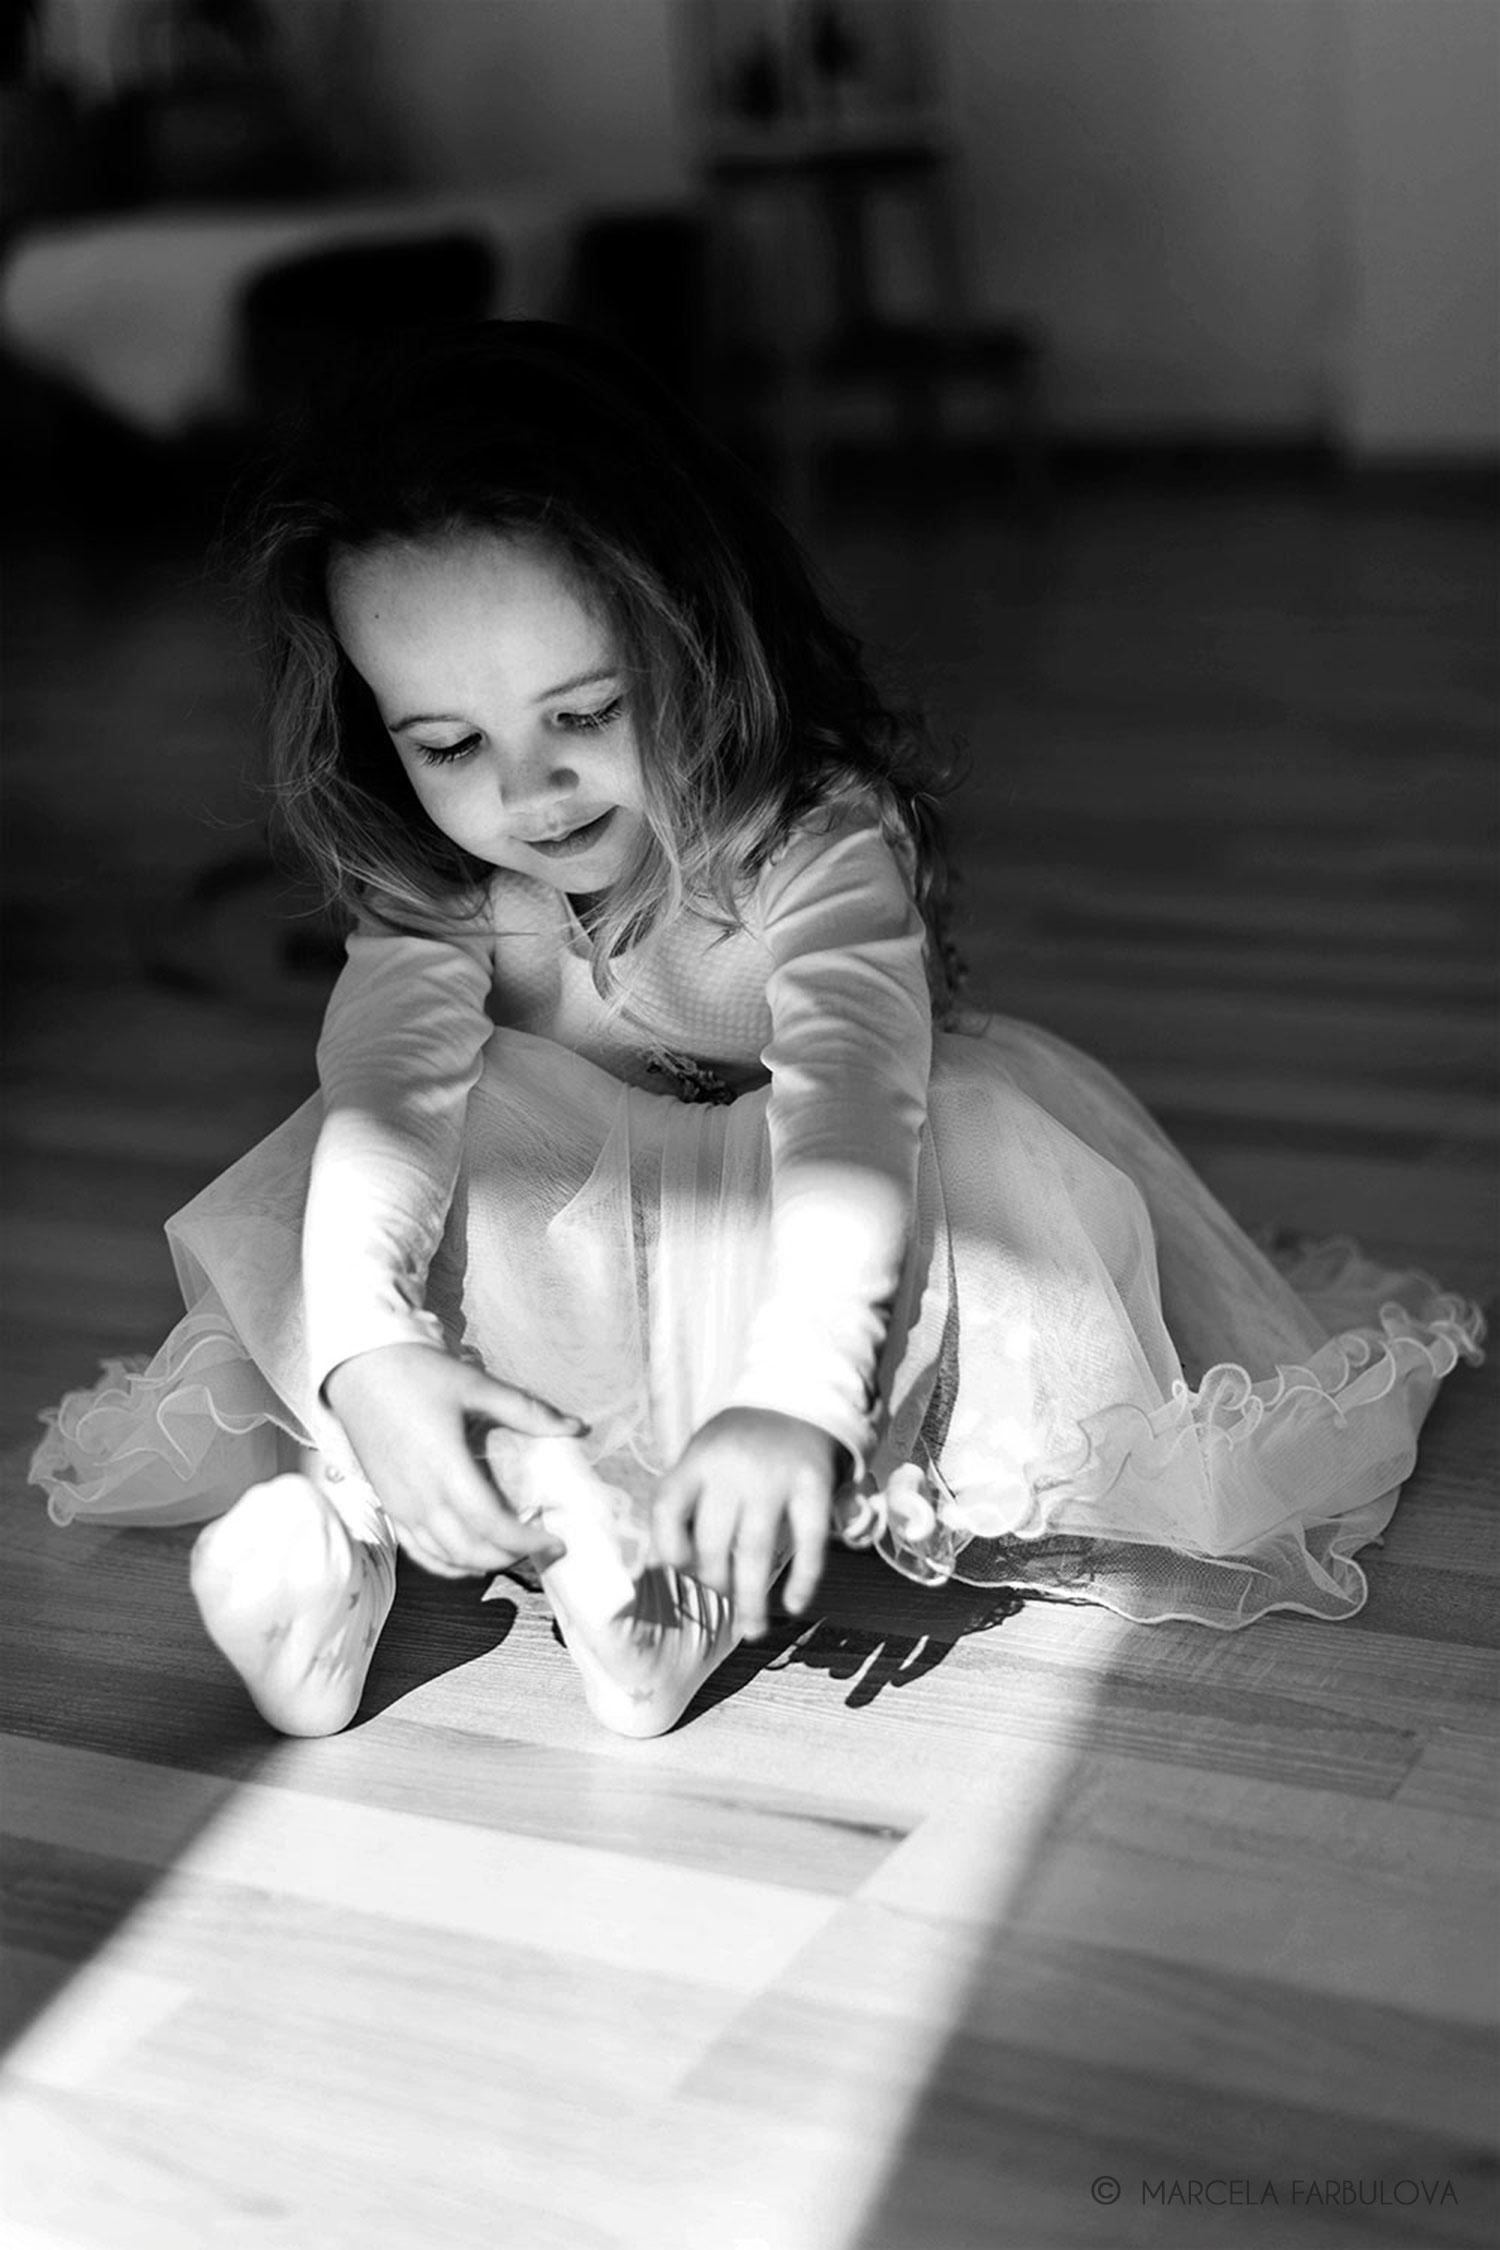 Detská fotografka – Marcela Farbulová